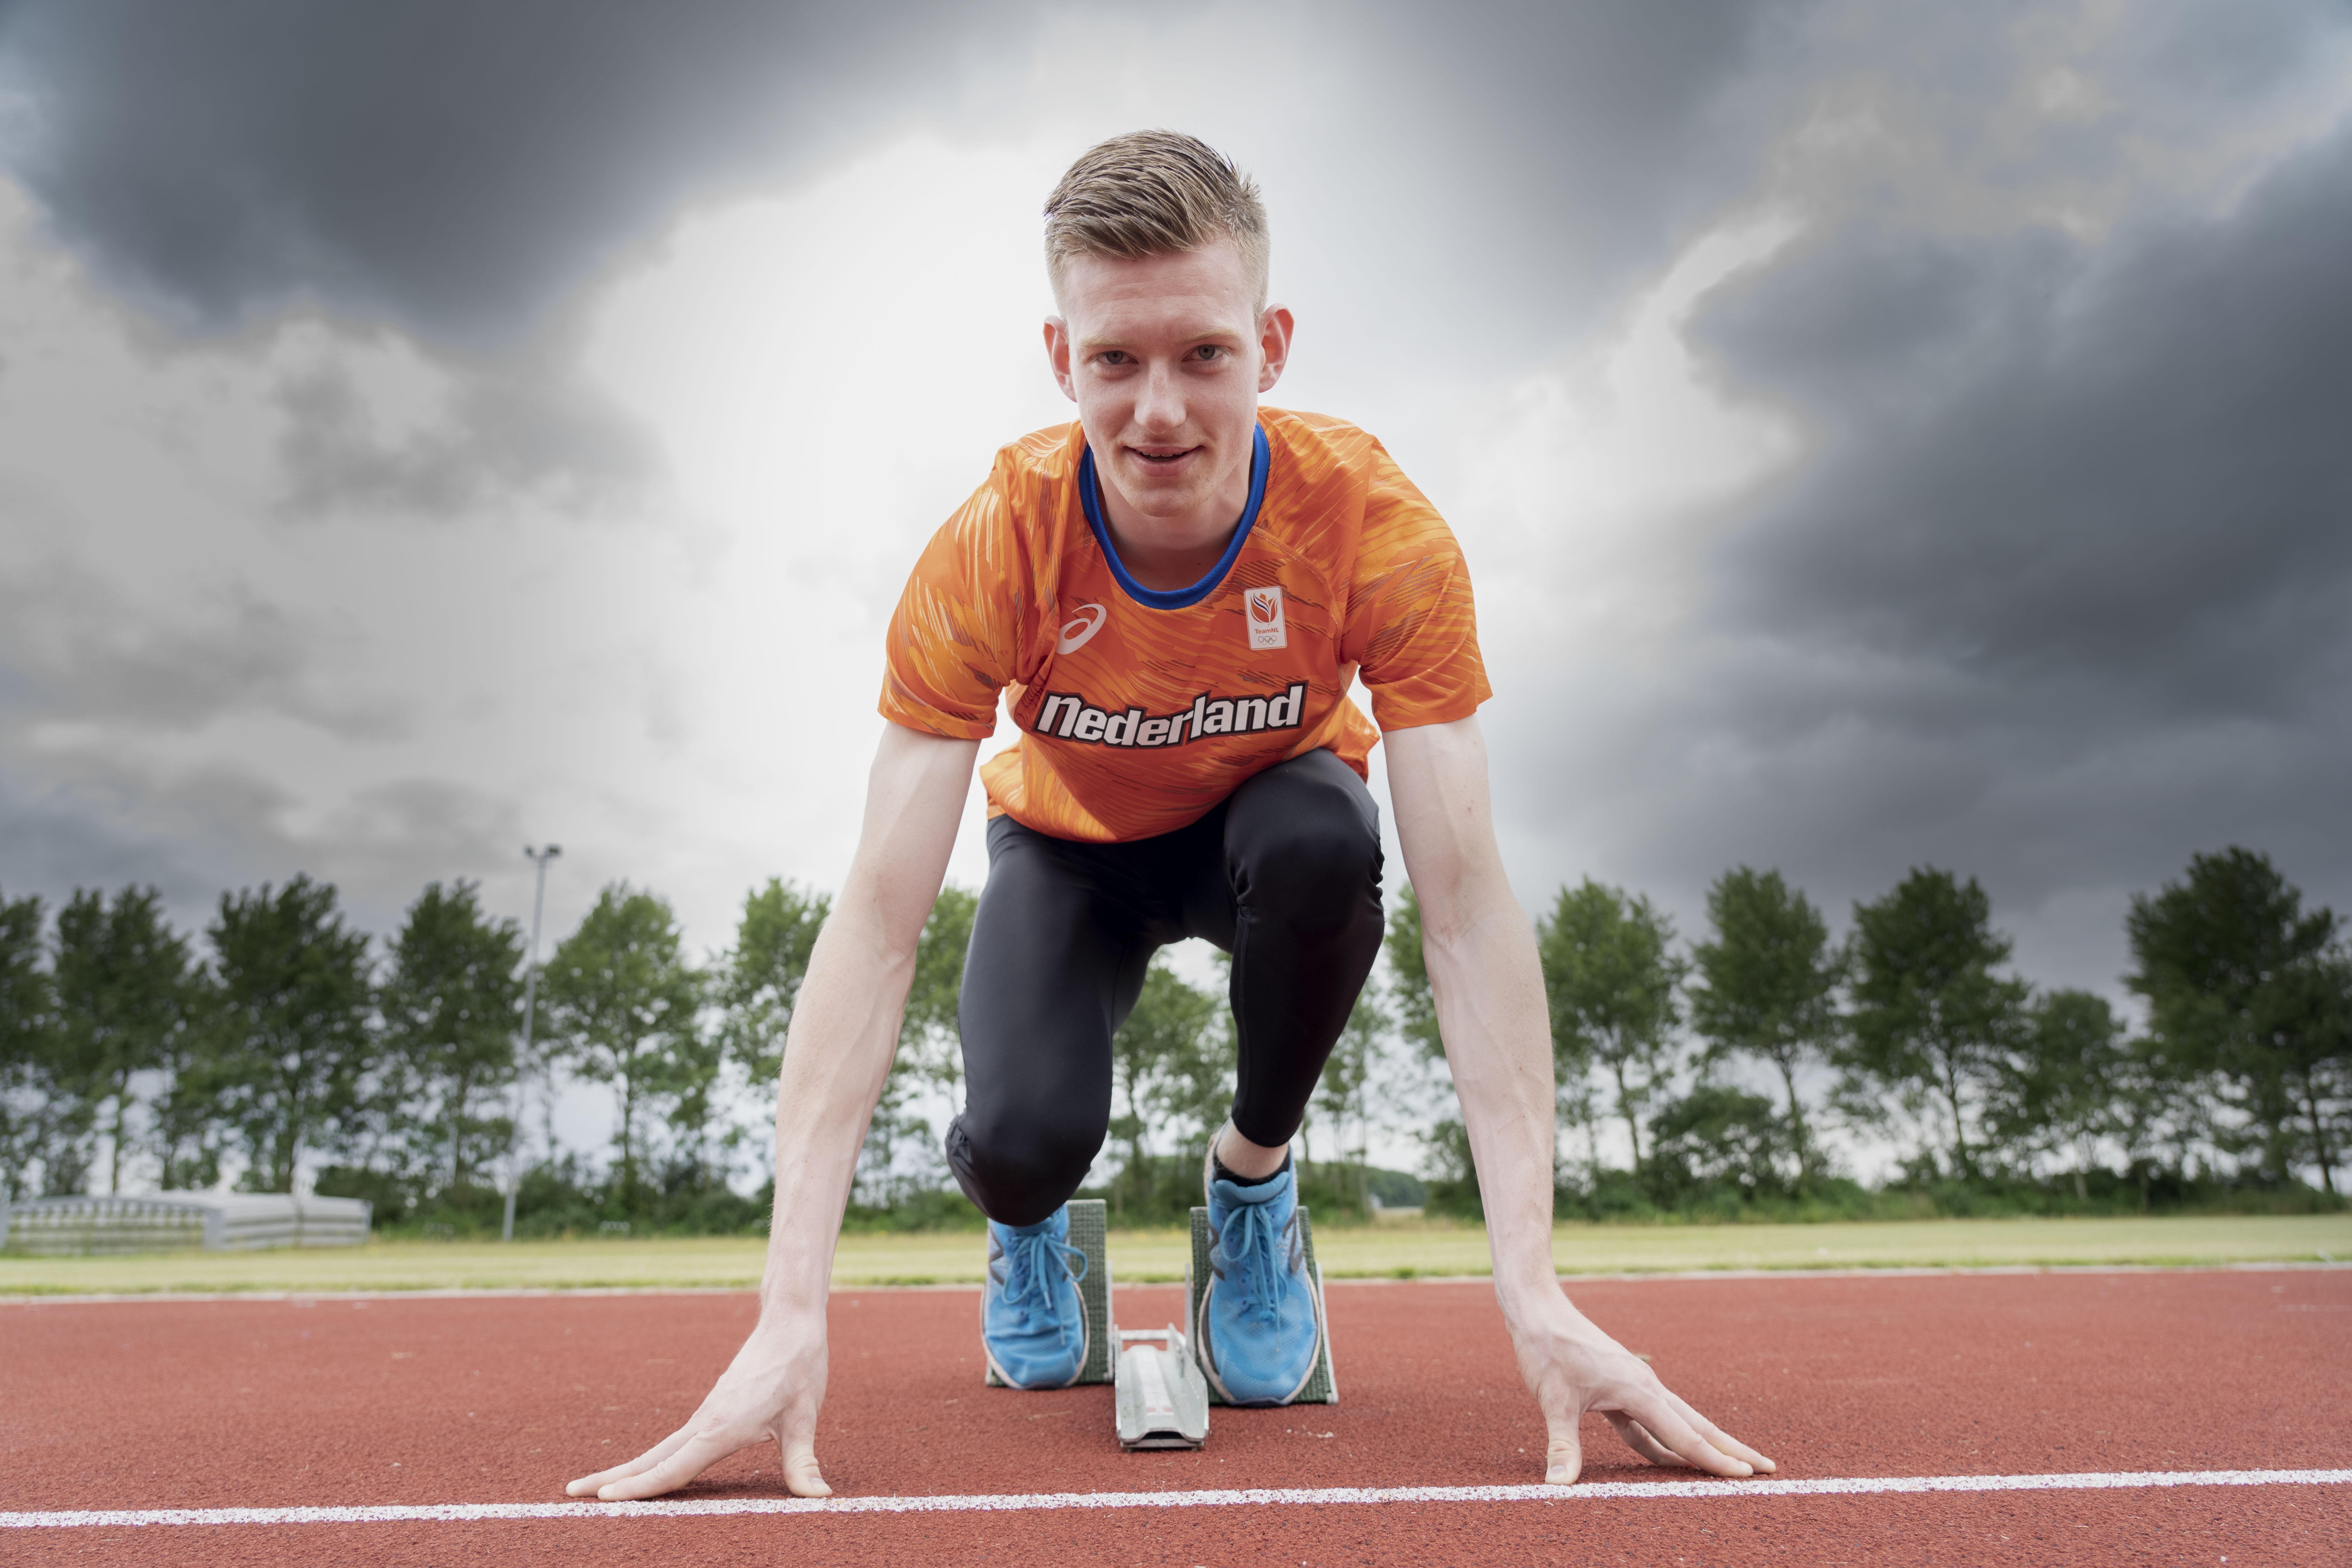 Atleet Mika Brouwer ontdekte als voetballer zijn snelheid: 'Ik was verdediger. Ideaal, omdat ik doorgebroken spelers alsnog kon inhalen'